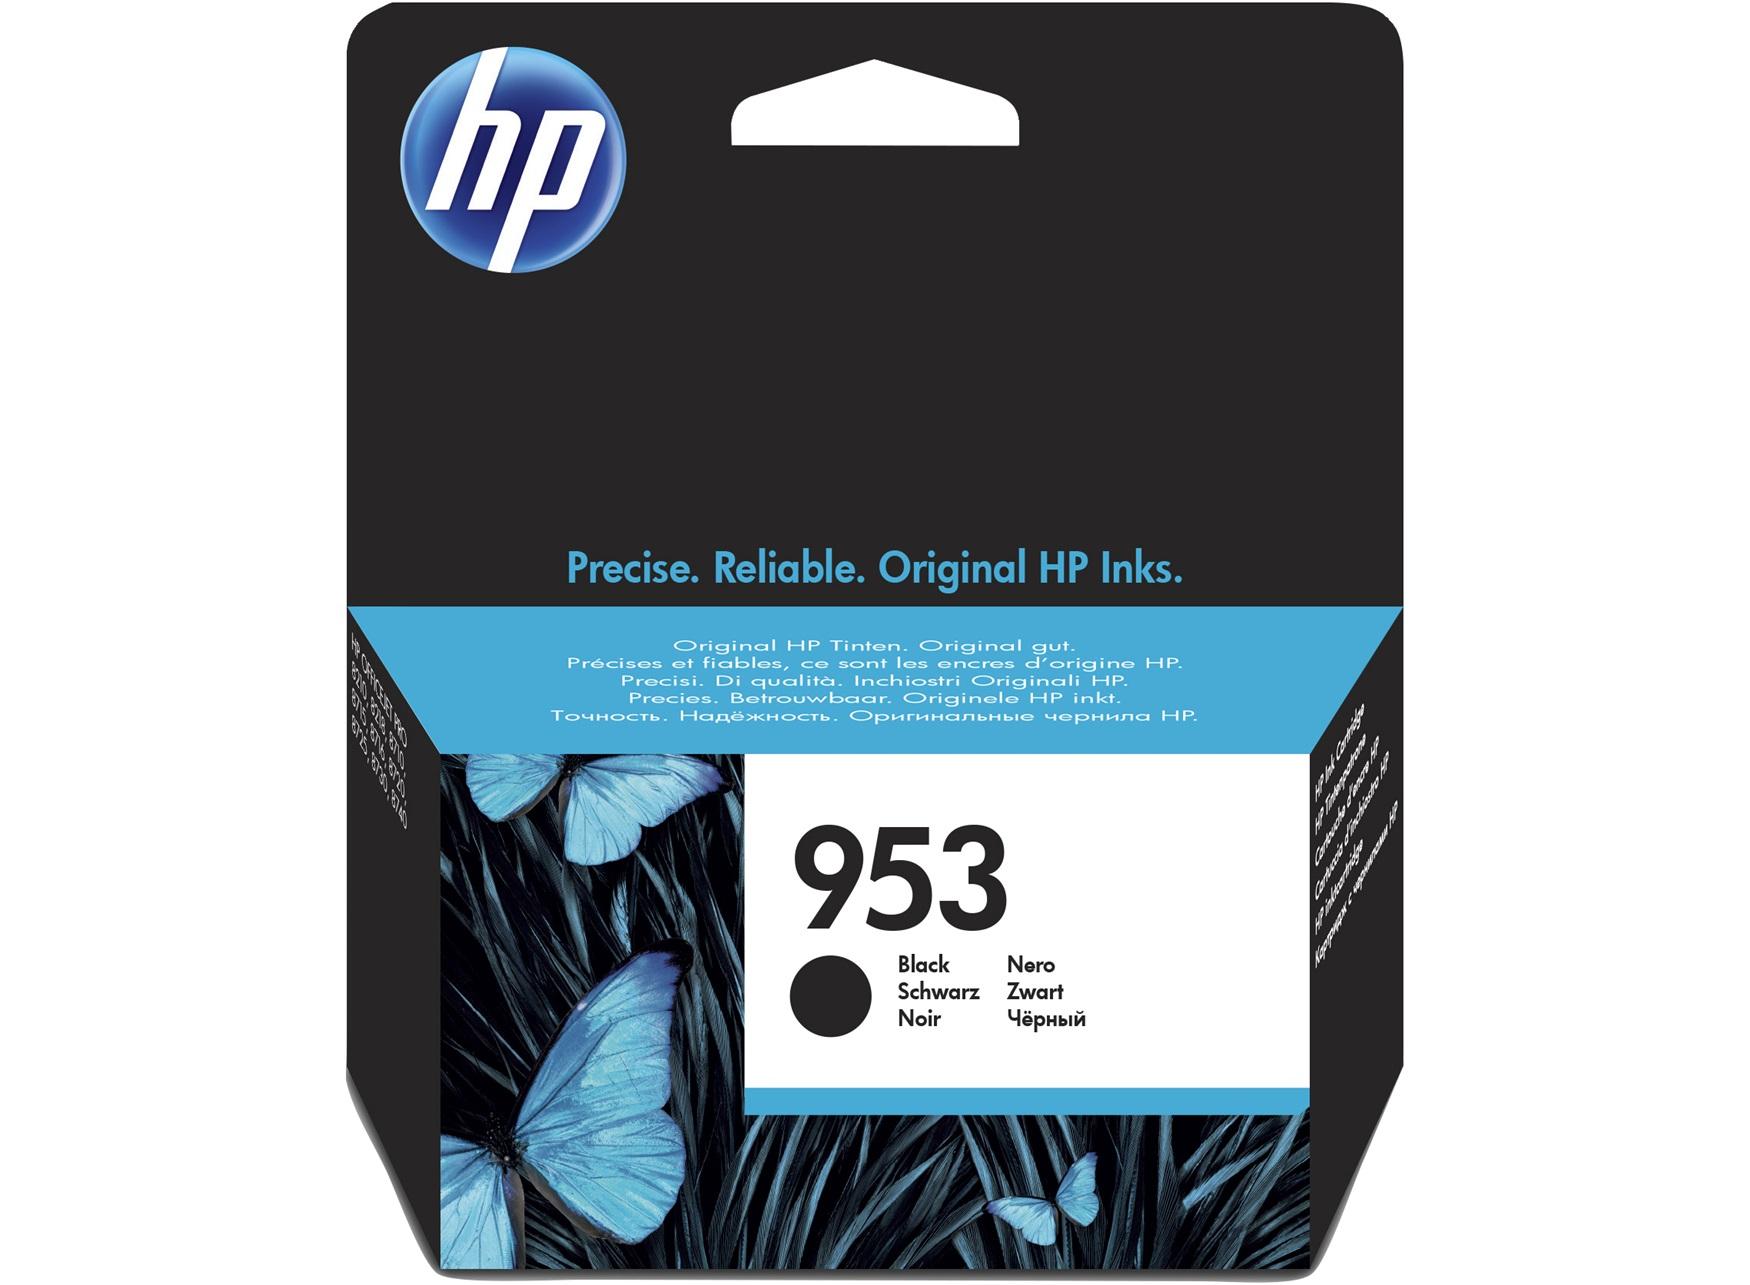 HP 953 Black Original Ink Cartridge 23.5ml 1000pages Black ink cartridge